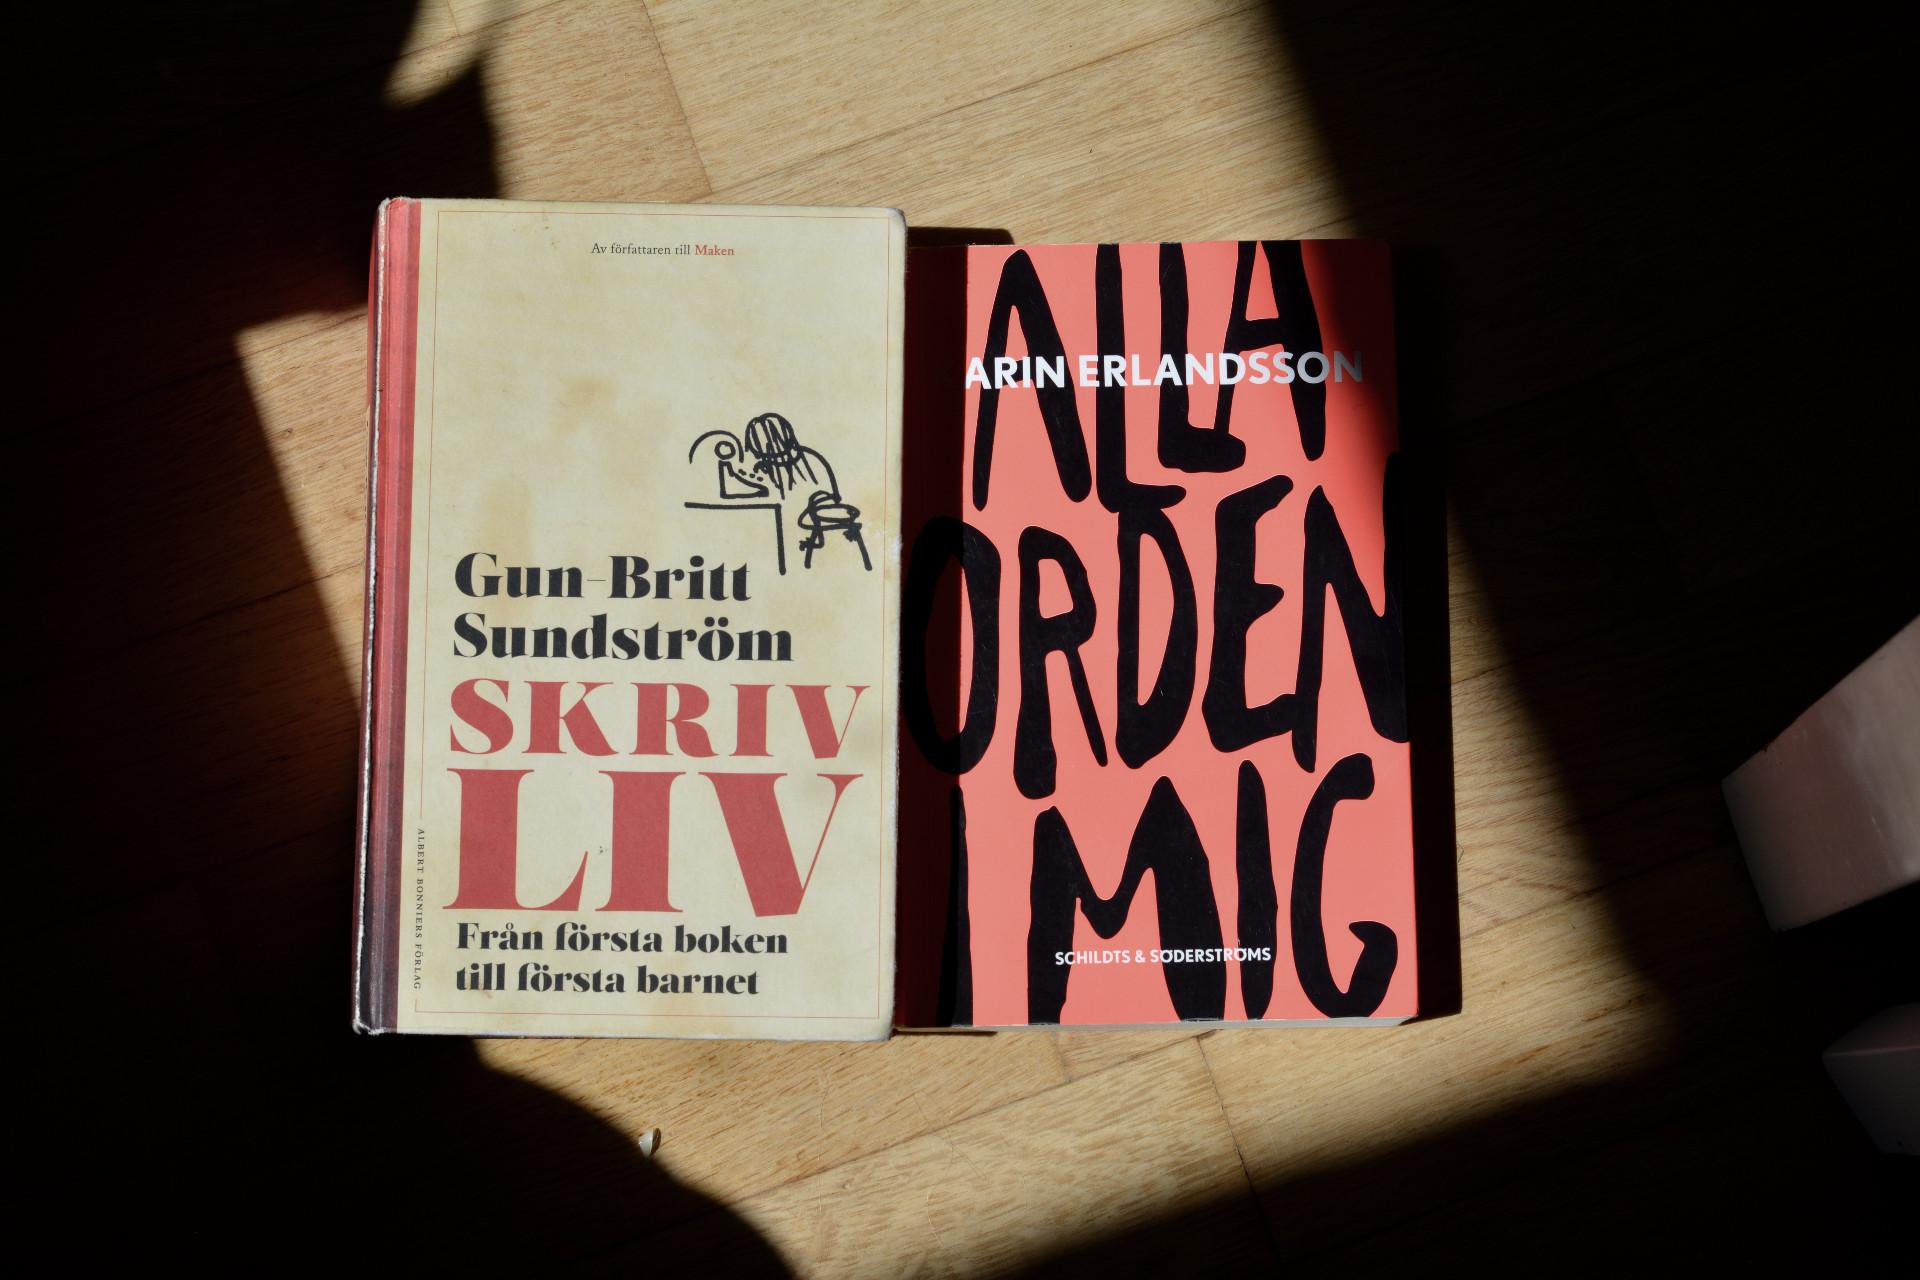 Skrivliv av Gun-Britt Sundström och Alla orden i mig av Karin Erlandsson